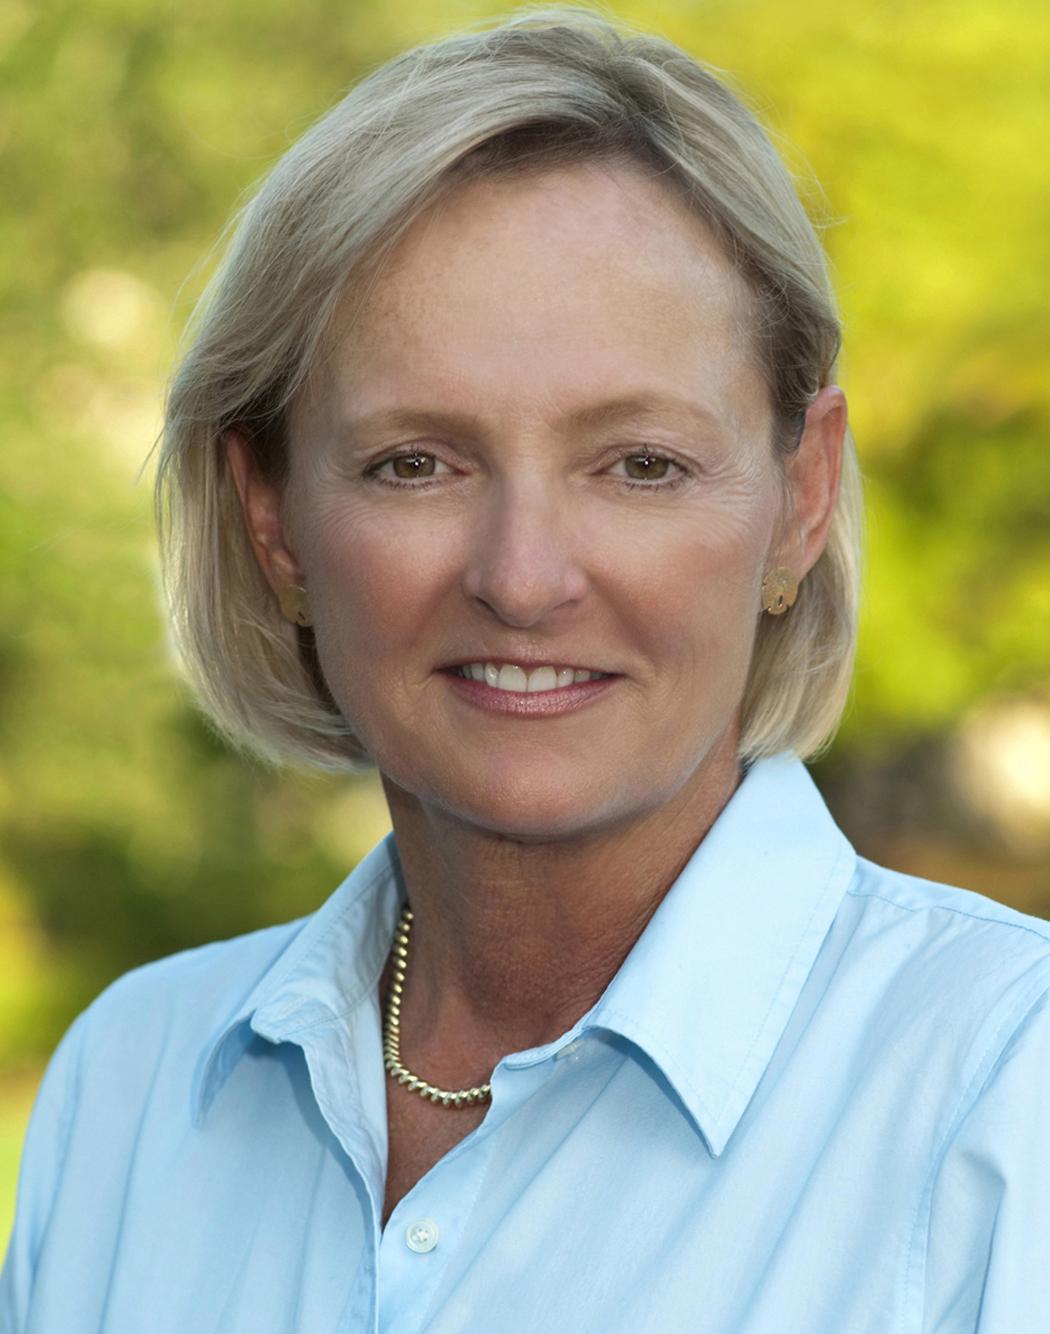 Sharon Kaltenborn